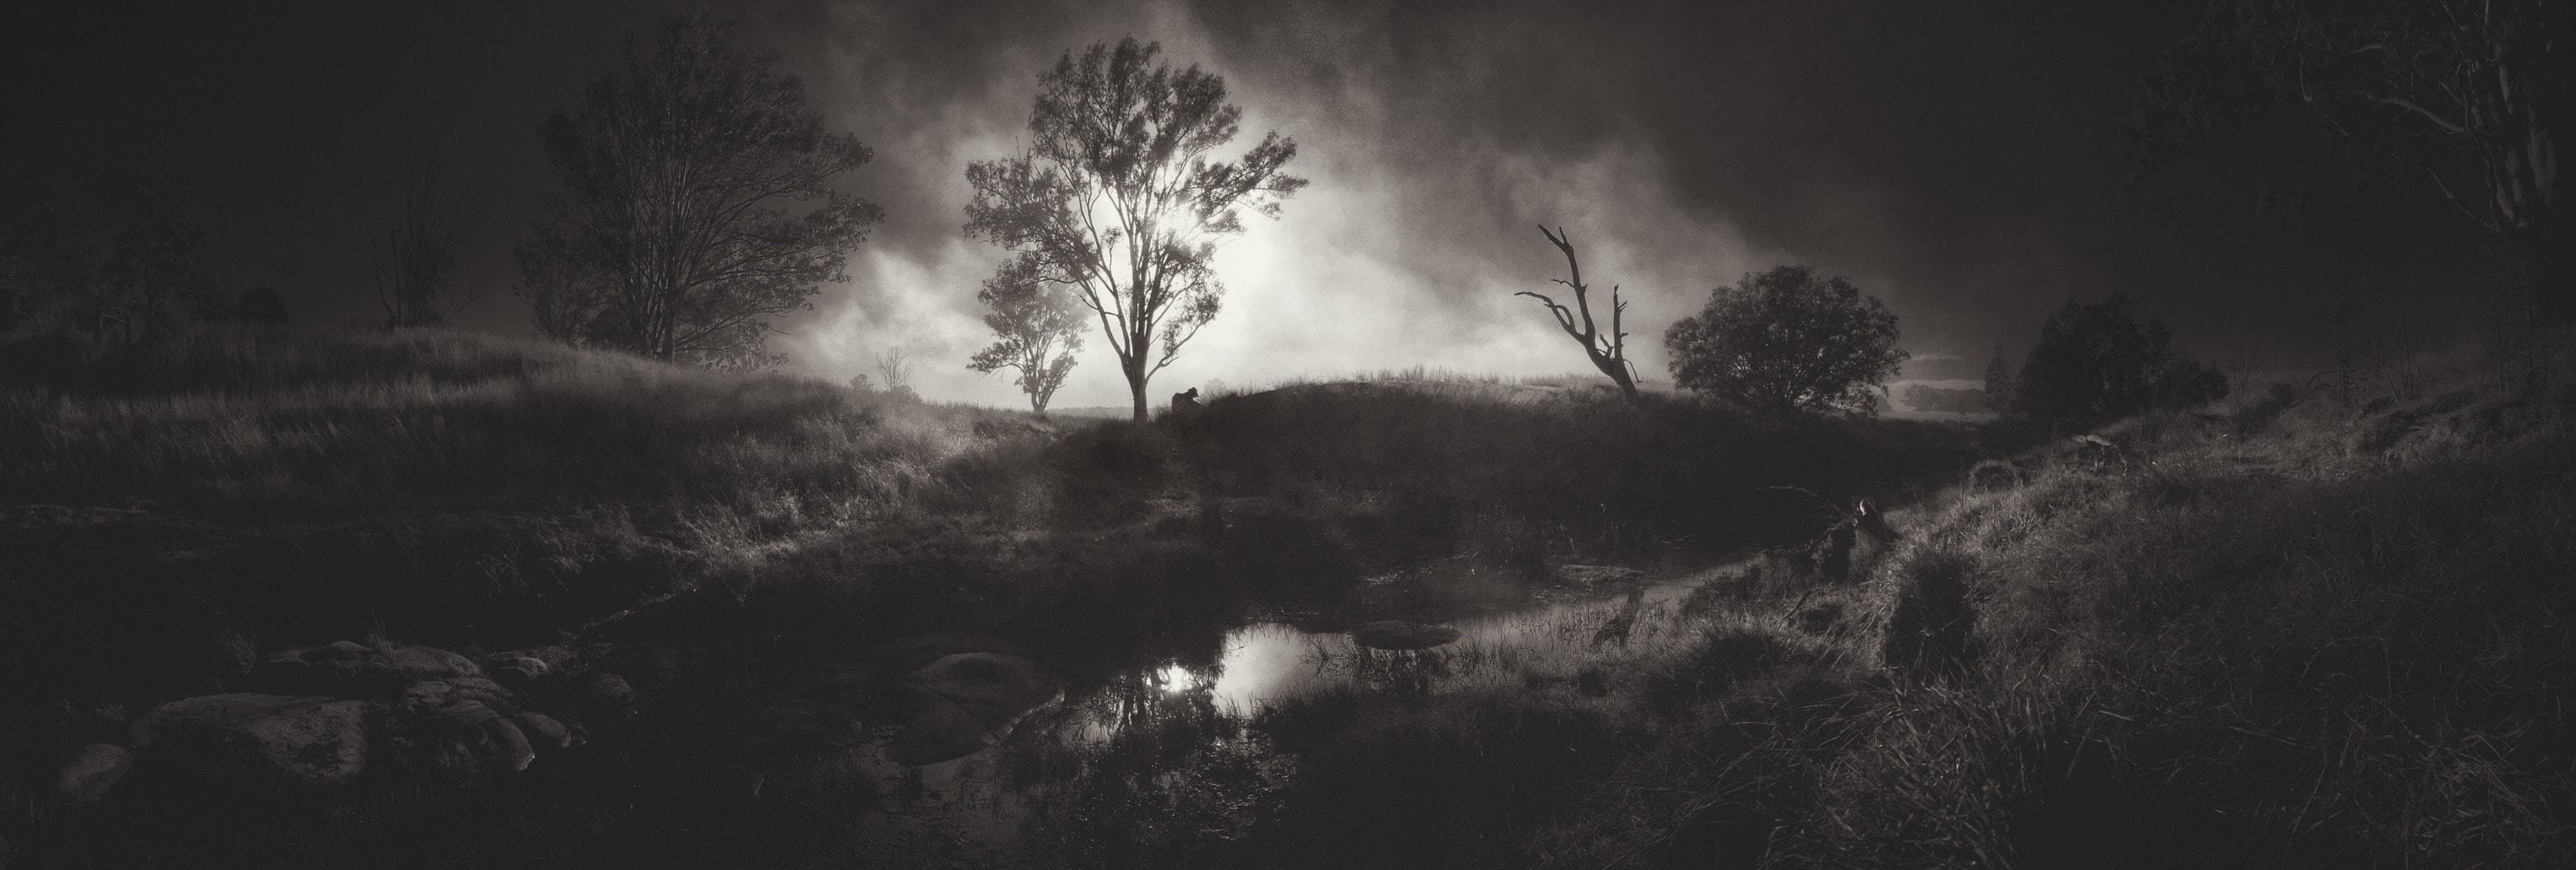 © Glenn Homann (Australia)